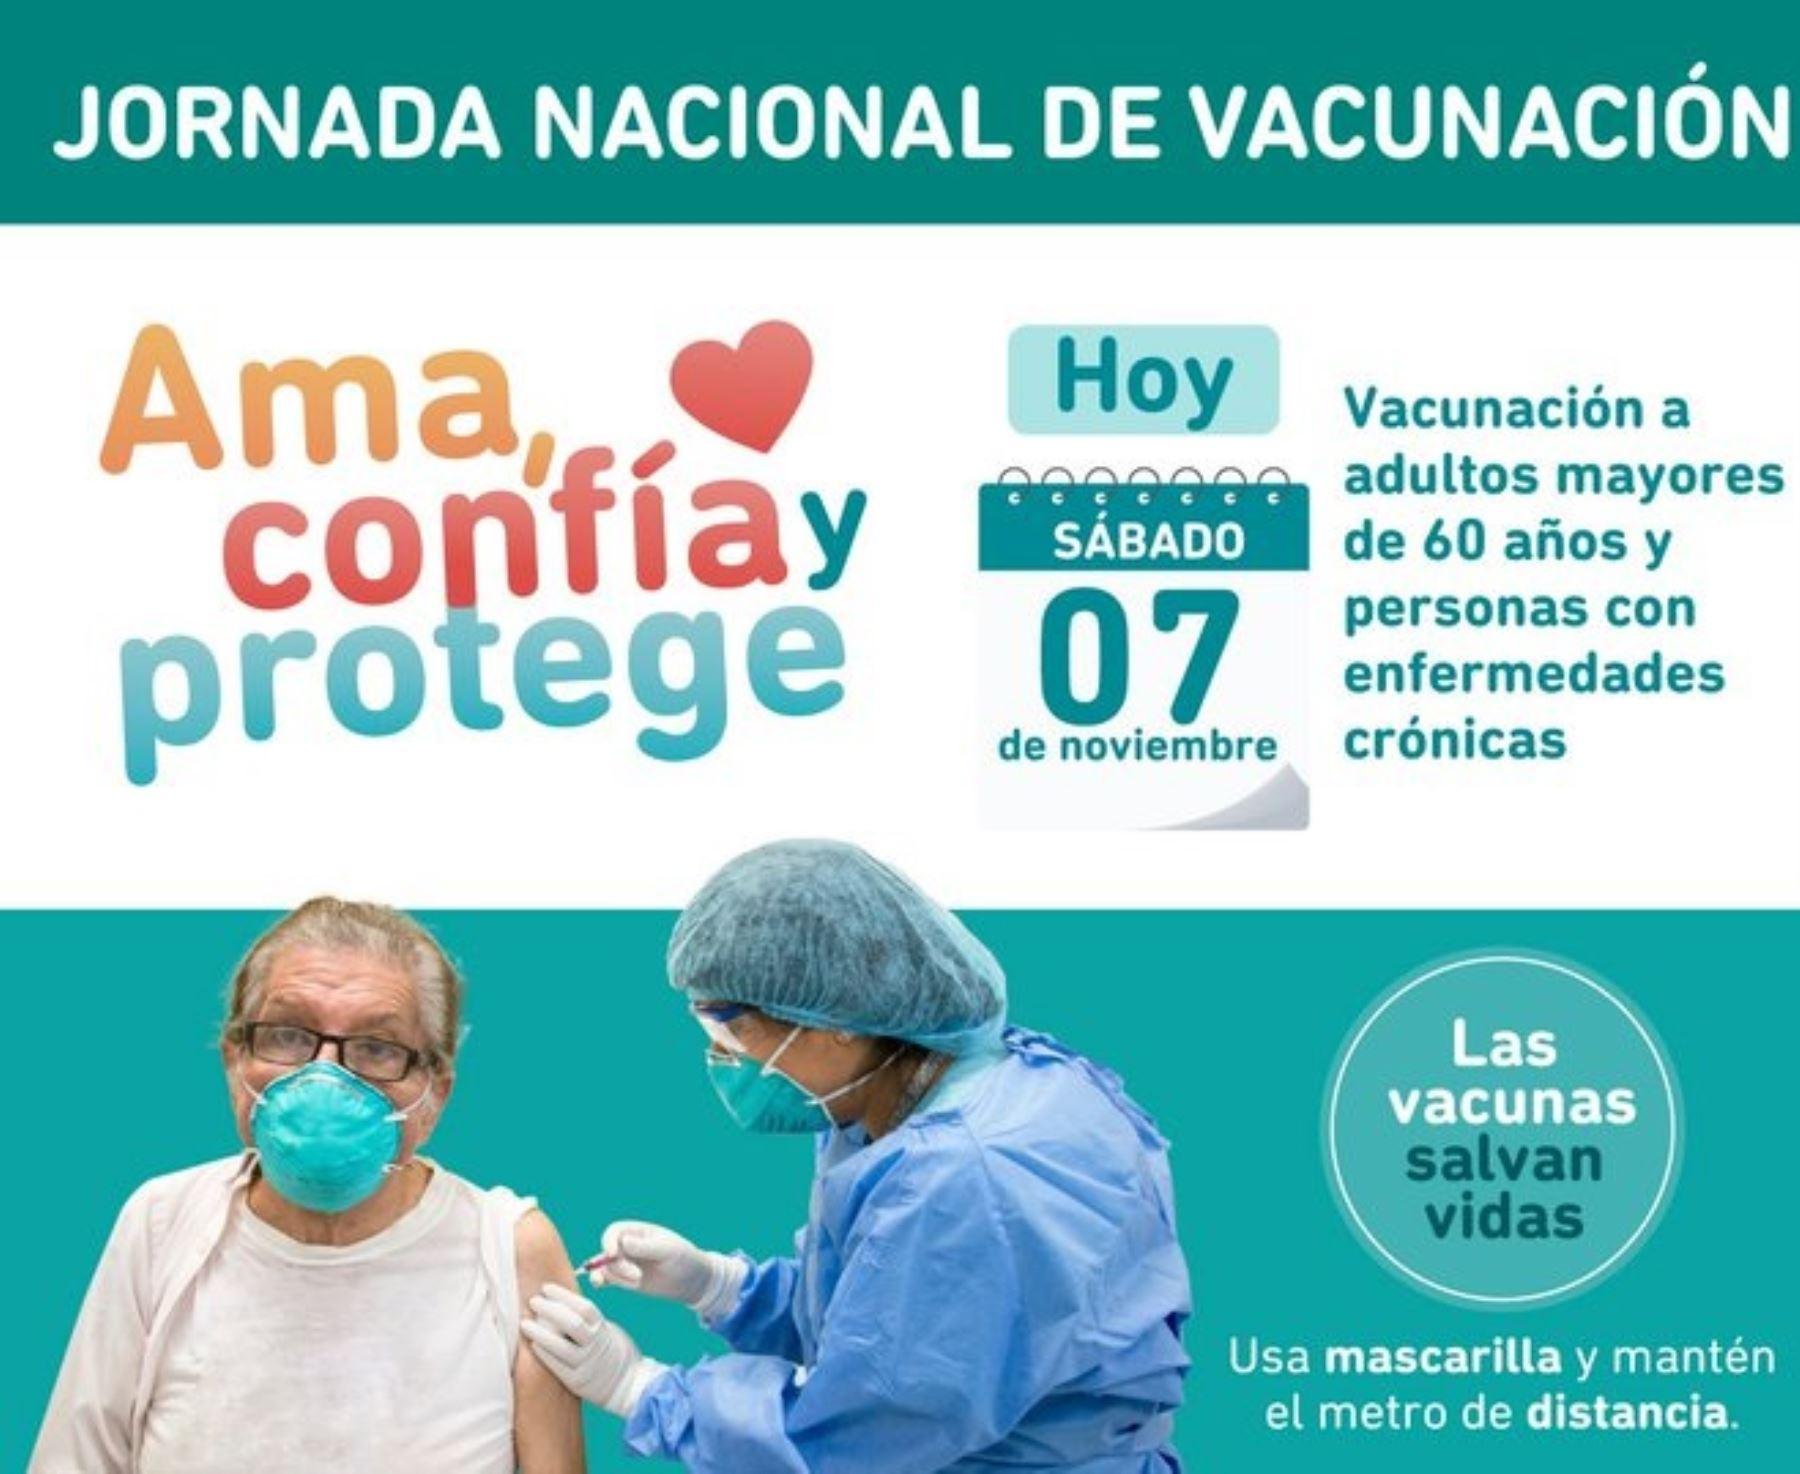 Cerca de 5,000 puntos de vacunación estarán al servicio de la población este fin de semana en todo el país. Foto: Minsa.